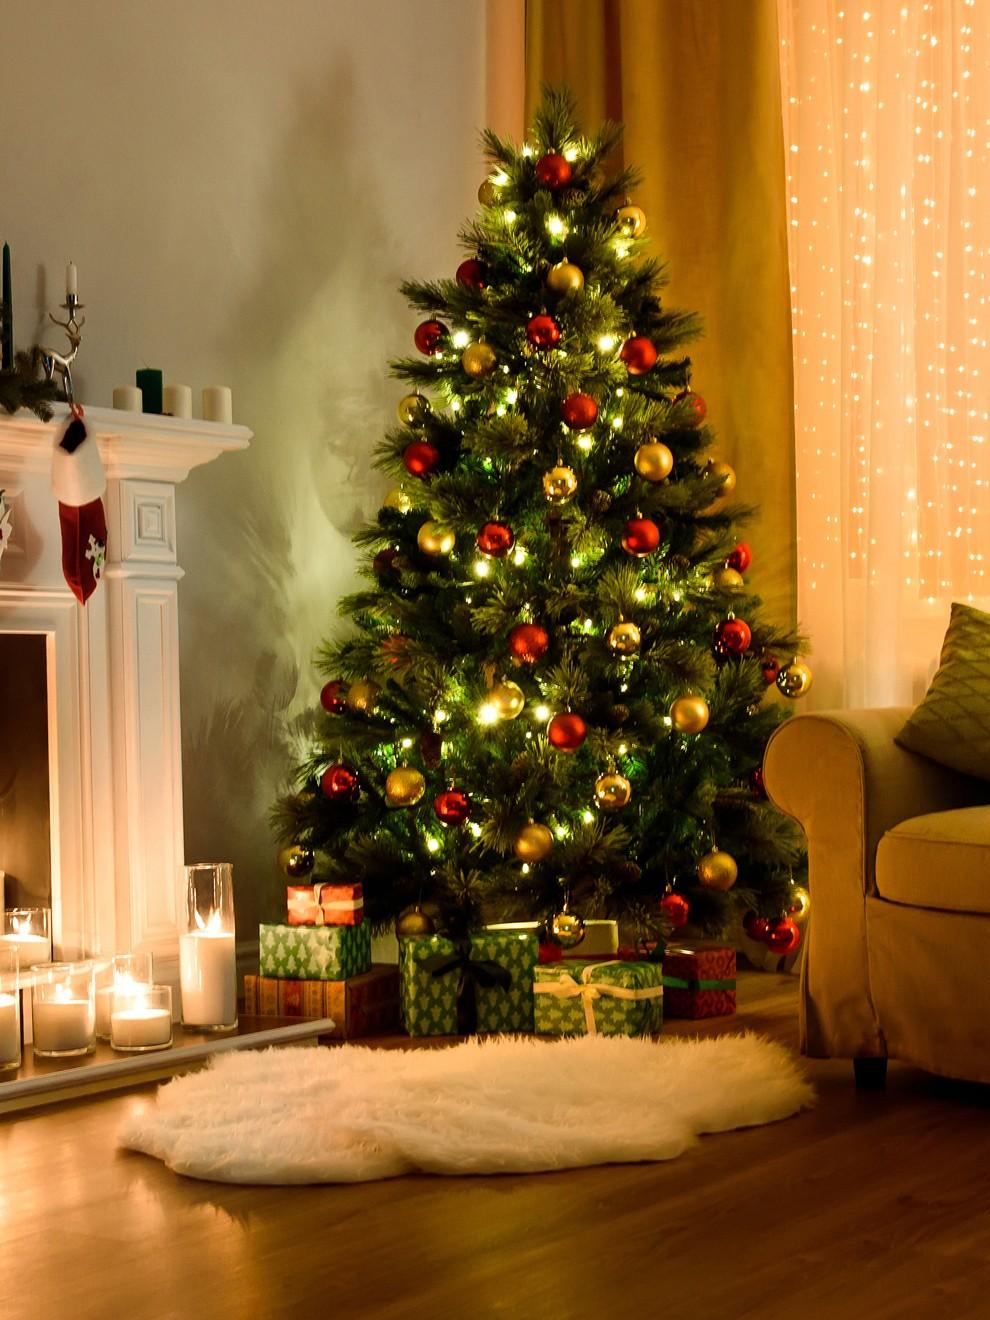 Tradiciones navideñas: ¿Por qué ponemos el árbol de Navidad?